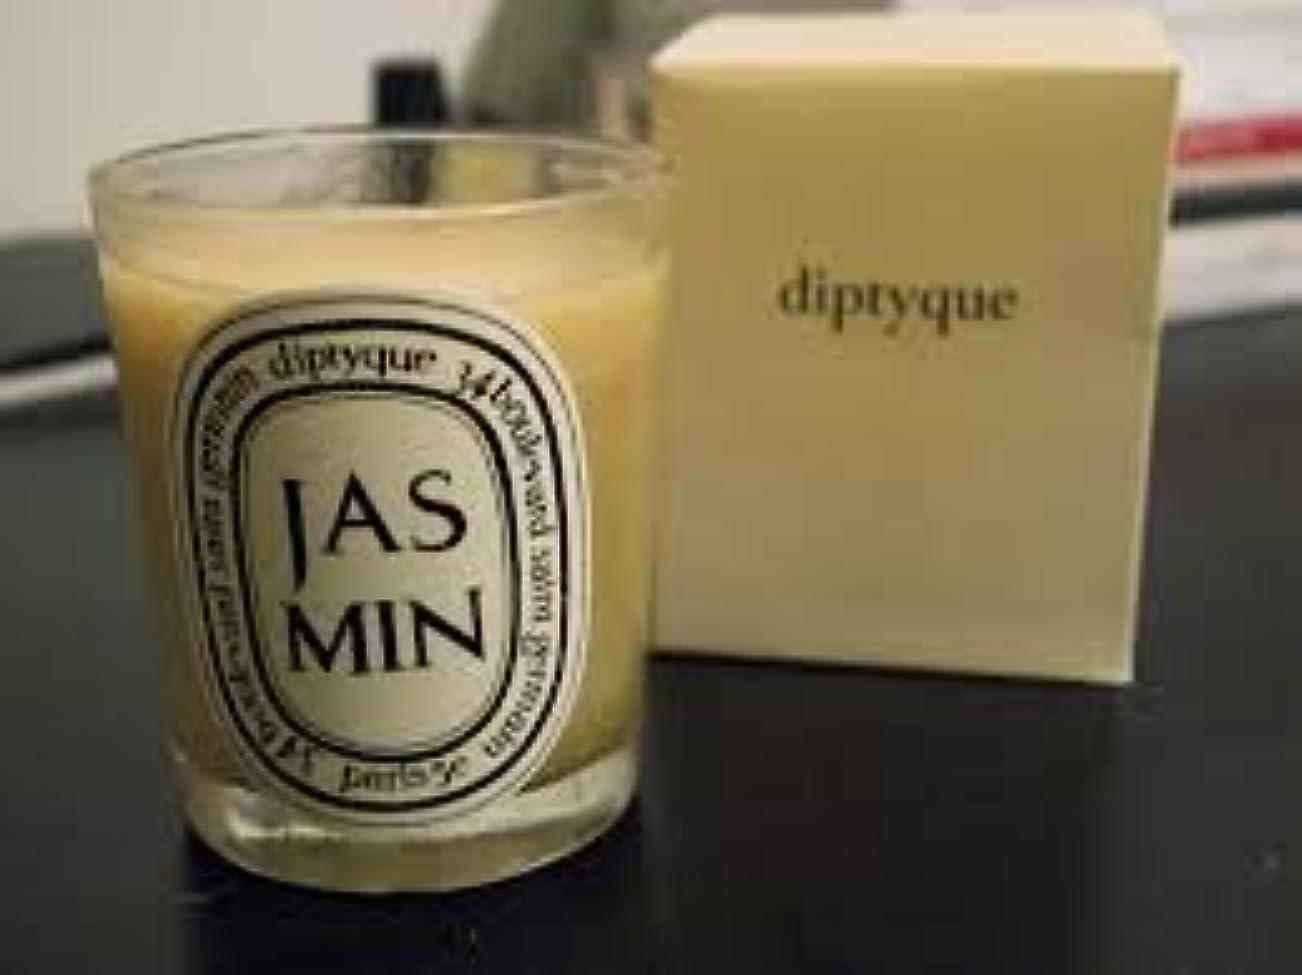 兄弟愛くしゃみデザートDiptyque Jasmin Candle (ディプティック ジャスミン キャンドル) 2.4 oz (70g)